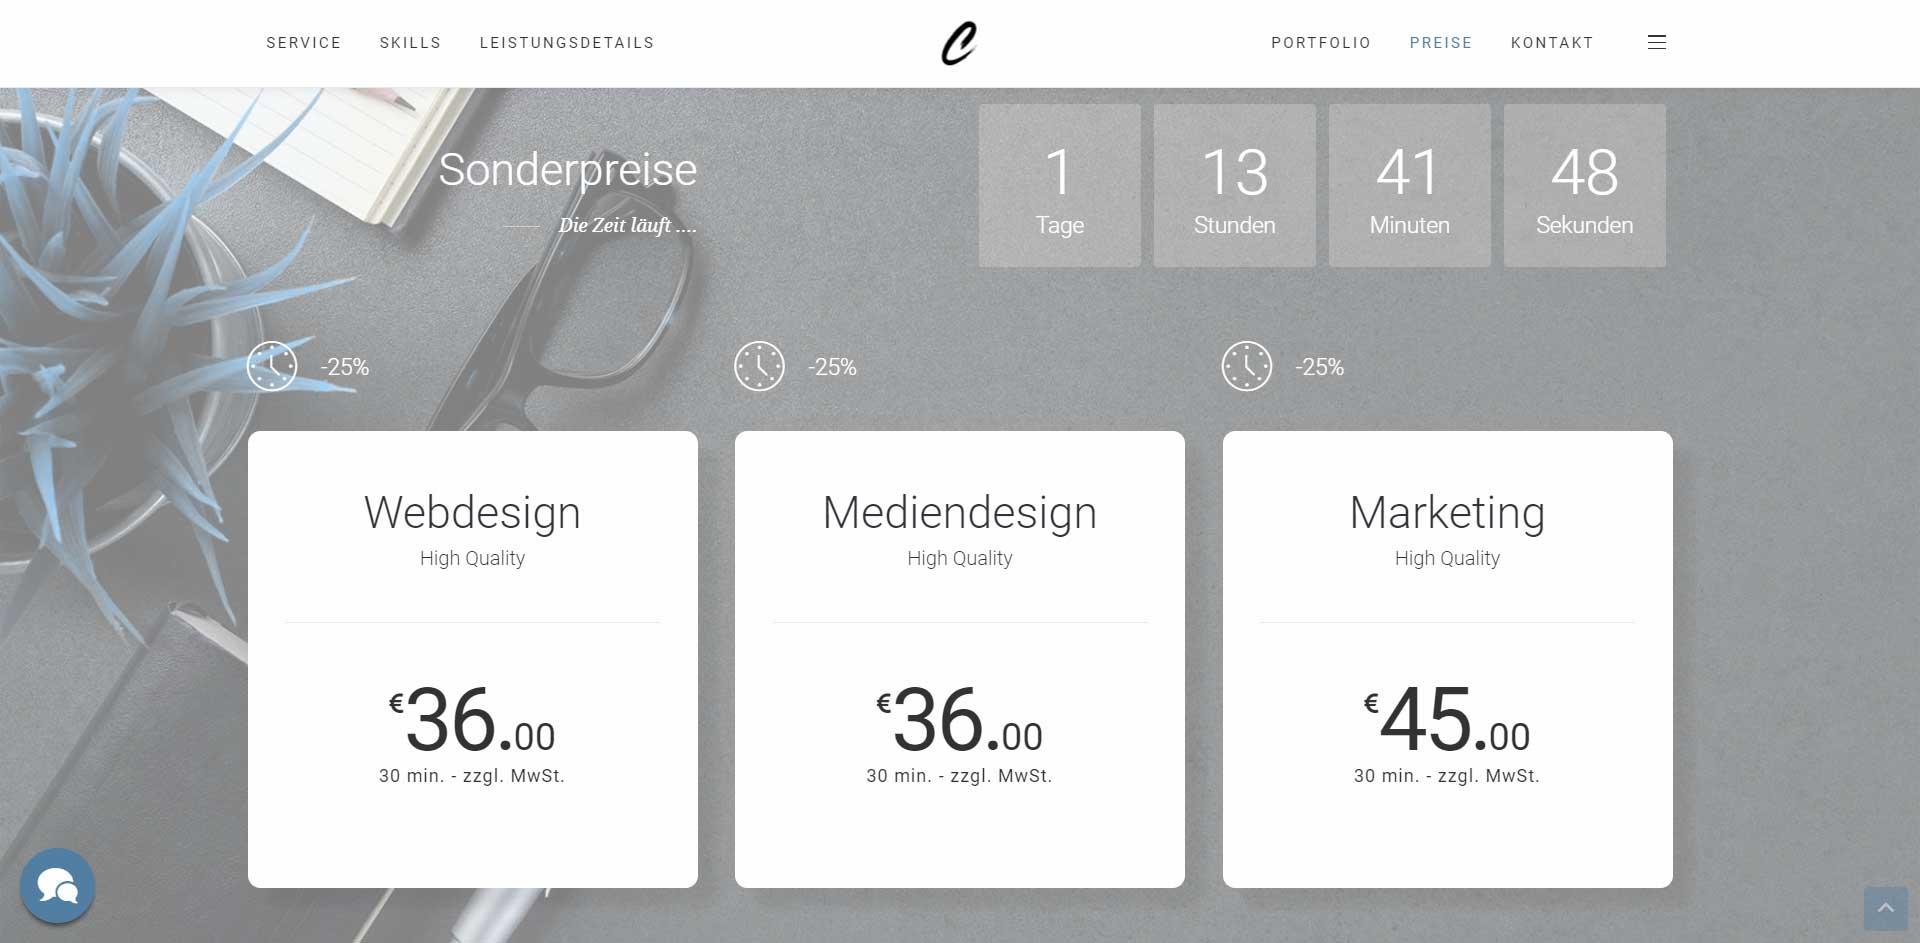 Carsten Schophuis | Webdesign Referenz